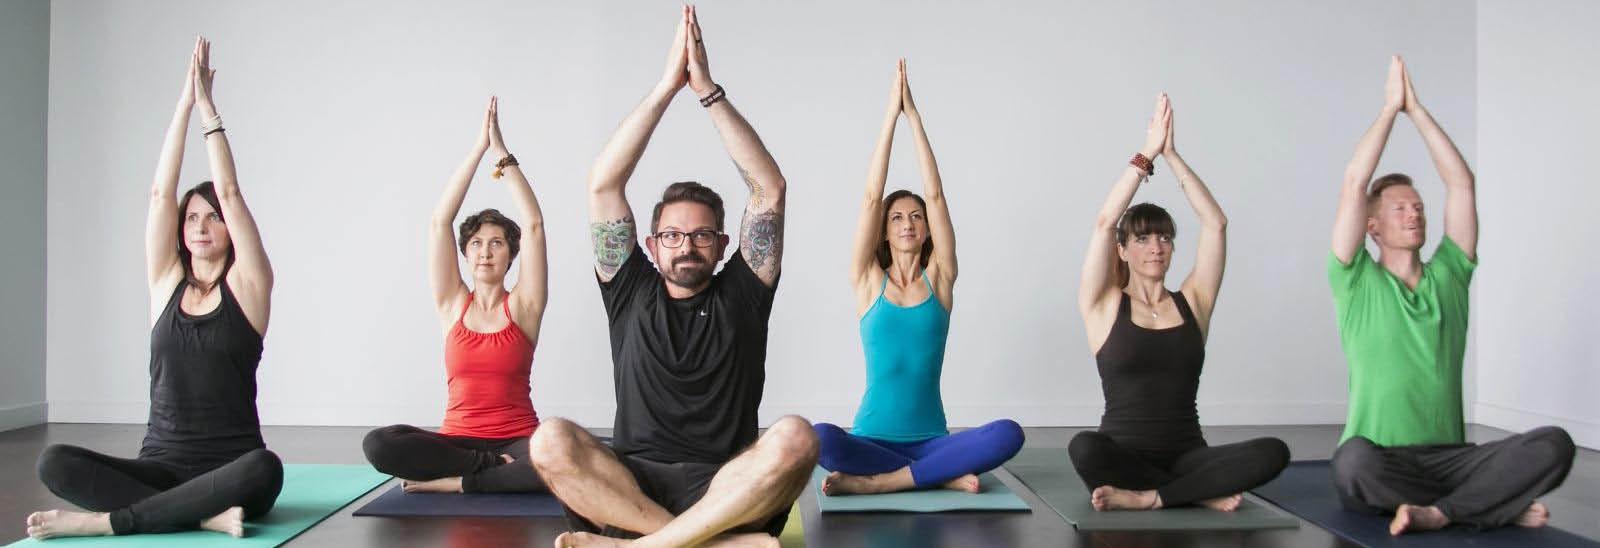 Lighthouse Yoga in Omaha, NE banner ad